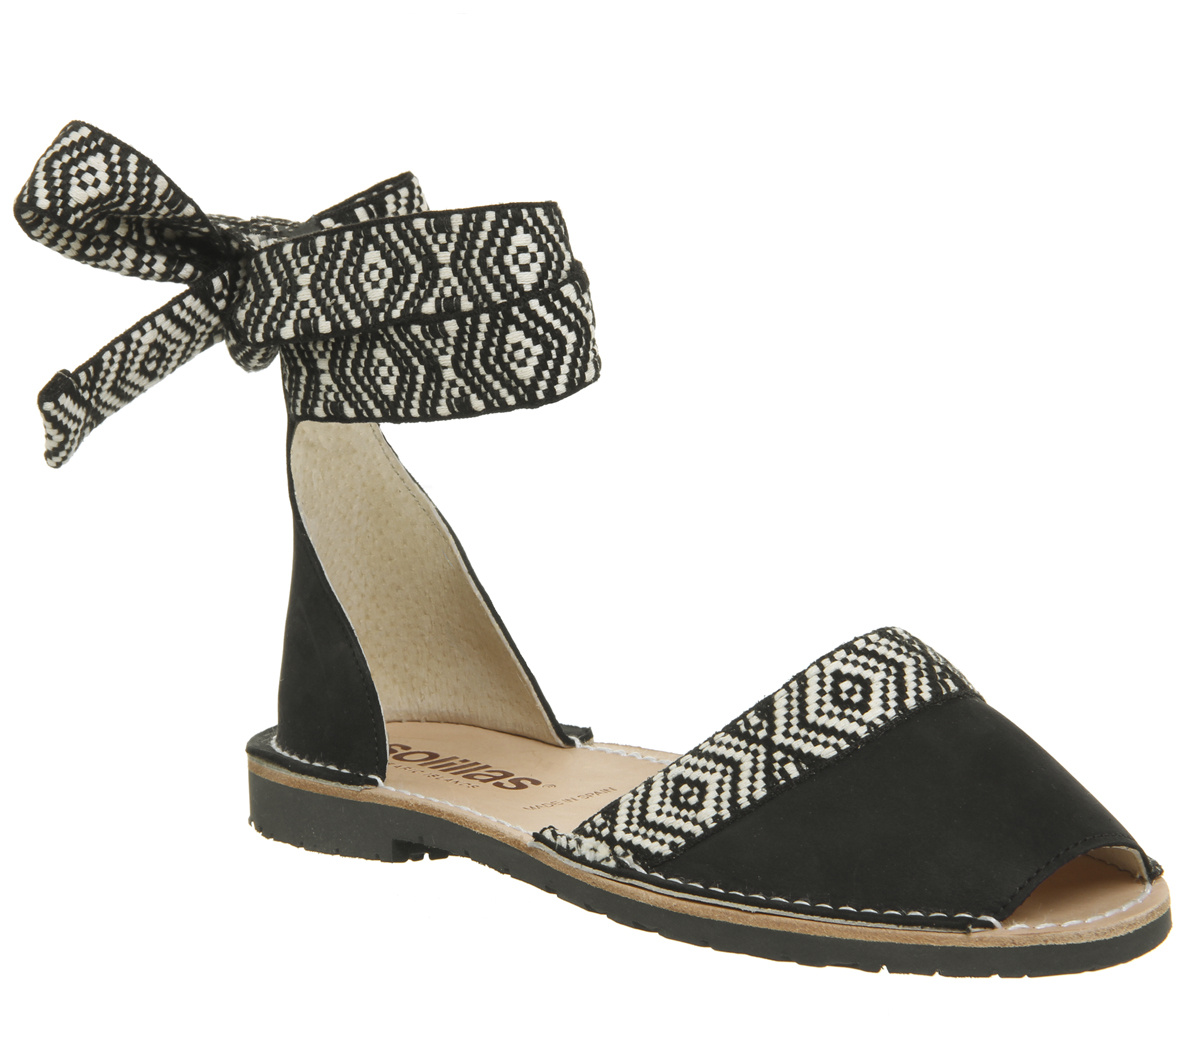 fc25d78fa85a Sentinel Womens Solillas Solillas Wrap Tie Sandals Black White Sandals